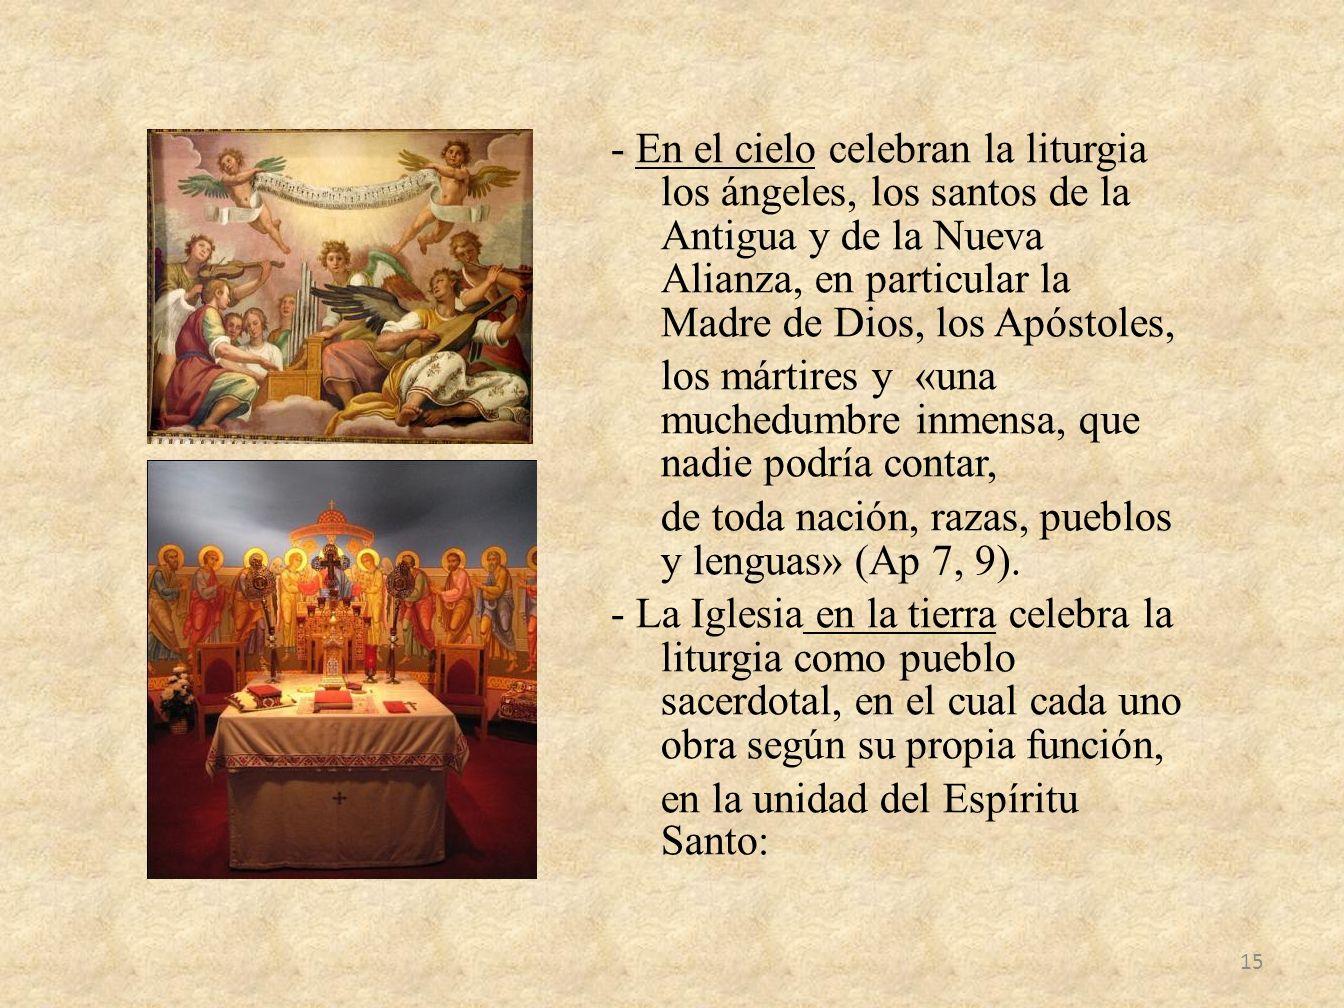 - En el cielo celebran la liturgia los ángeles, los santos de la Antigua y de la Nueva Alianza, en particular la Madre de Dios, los Apóstoles, los mártires y «una muchedumbre inmensa, que nadie podría contar, de toda nación, razas, pueblos y lenguas» (Ap 7, 9).